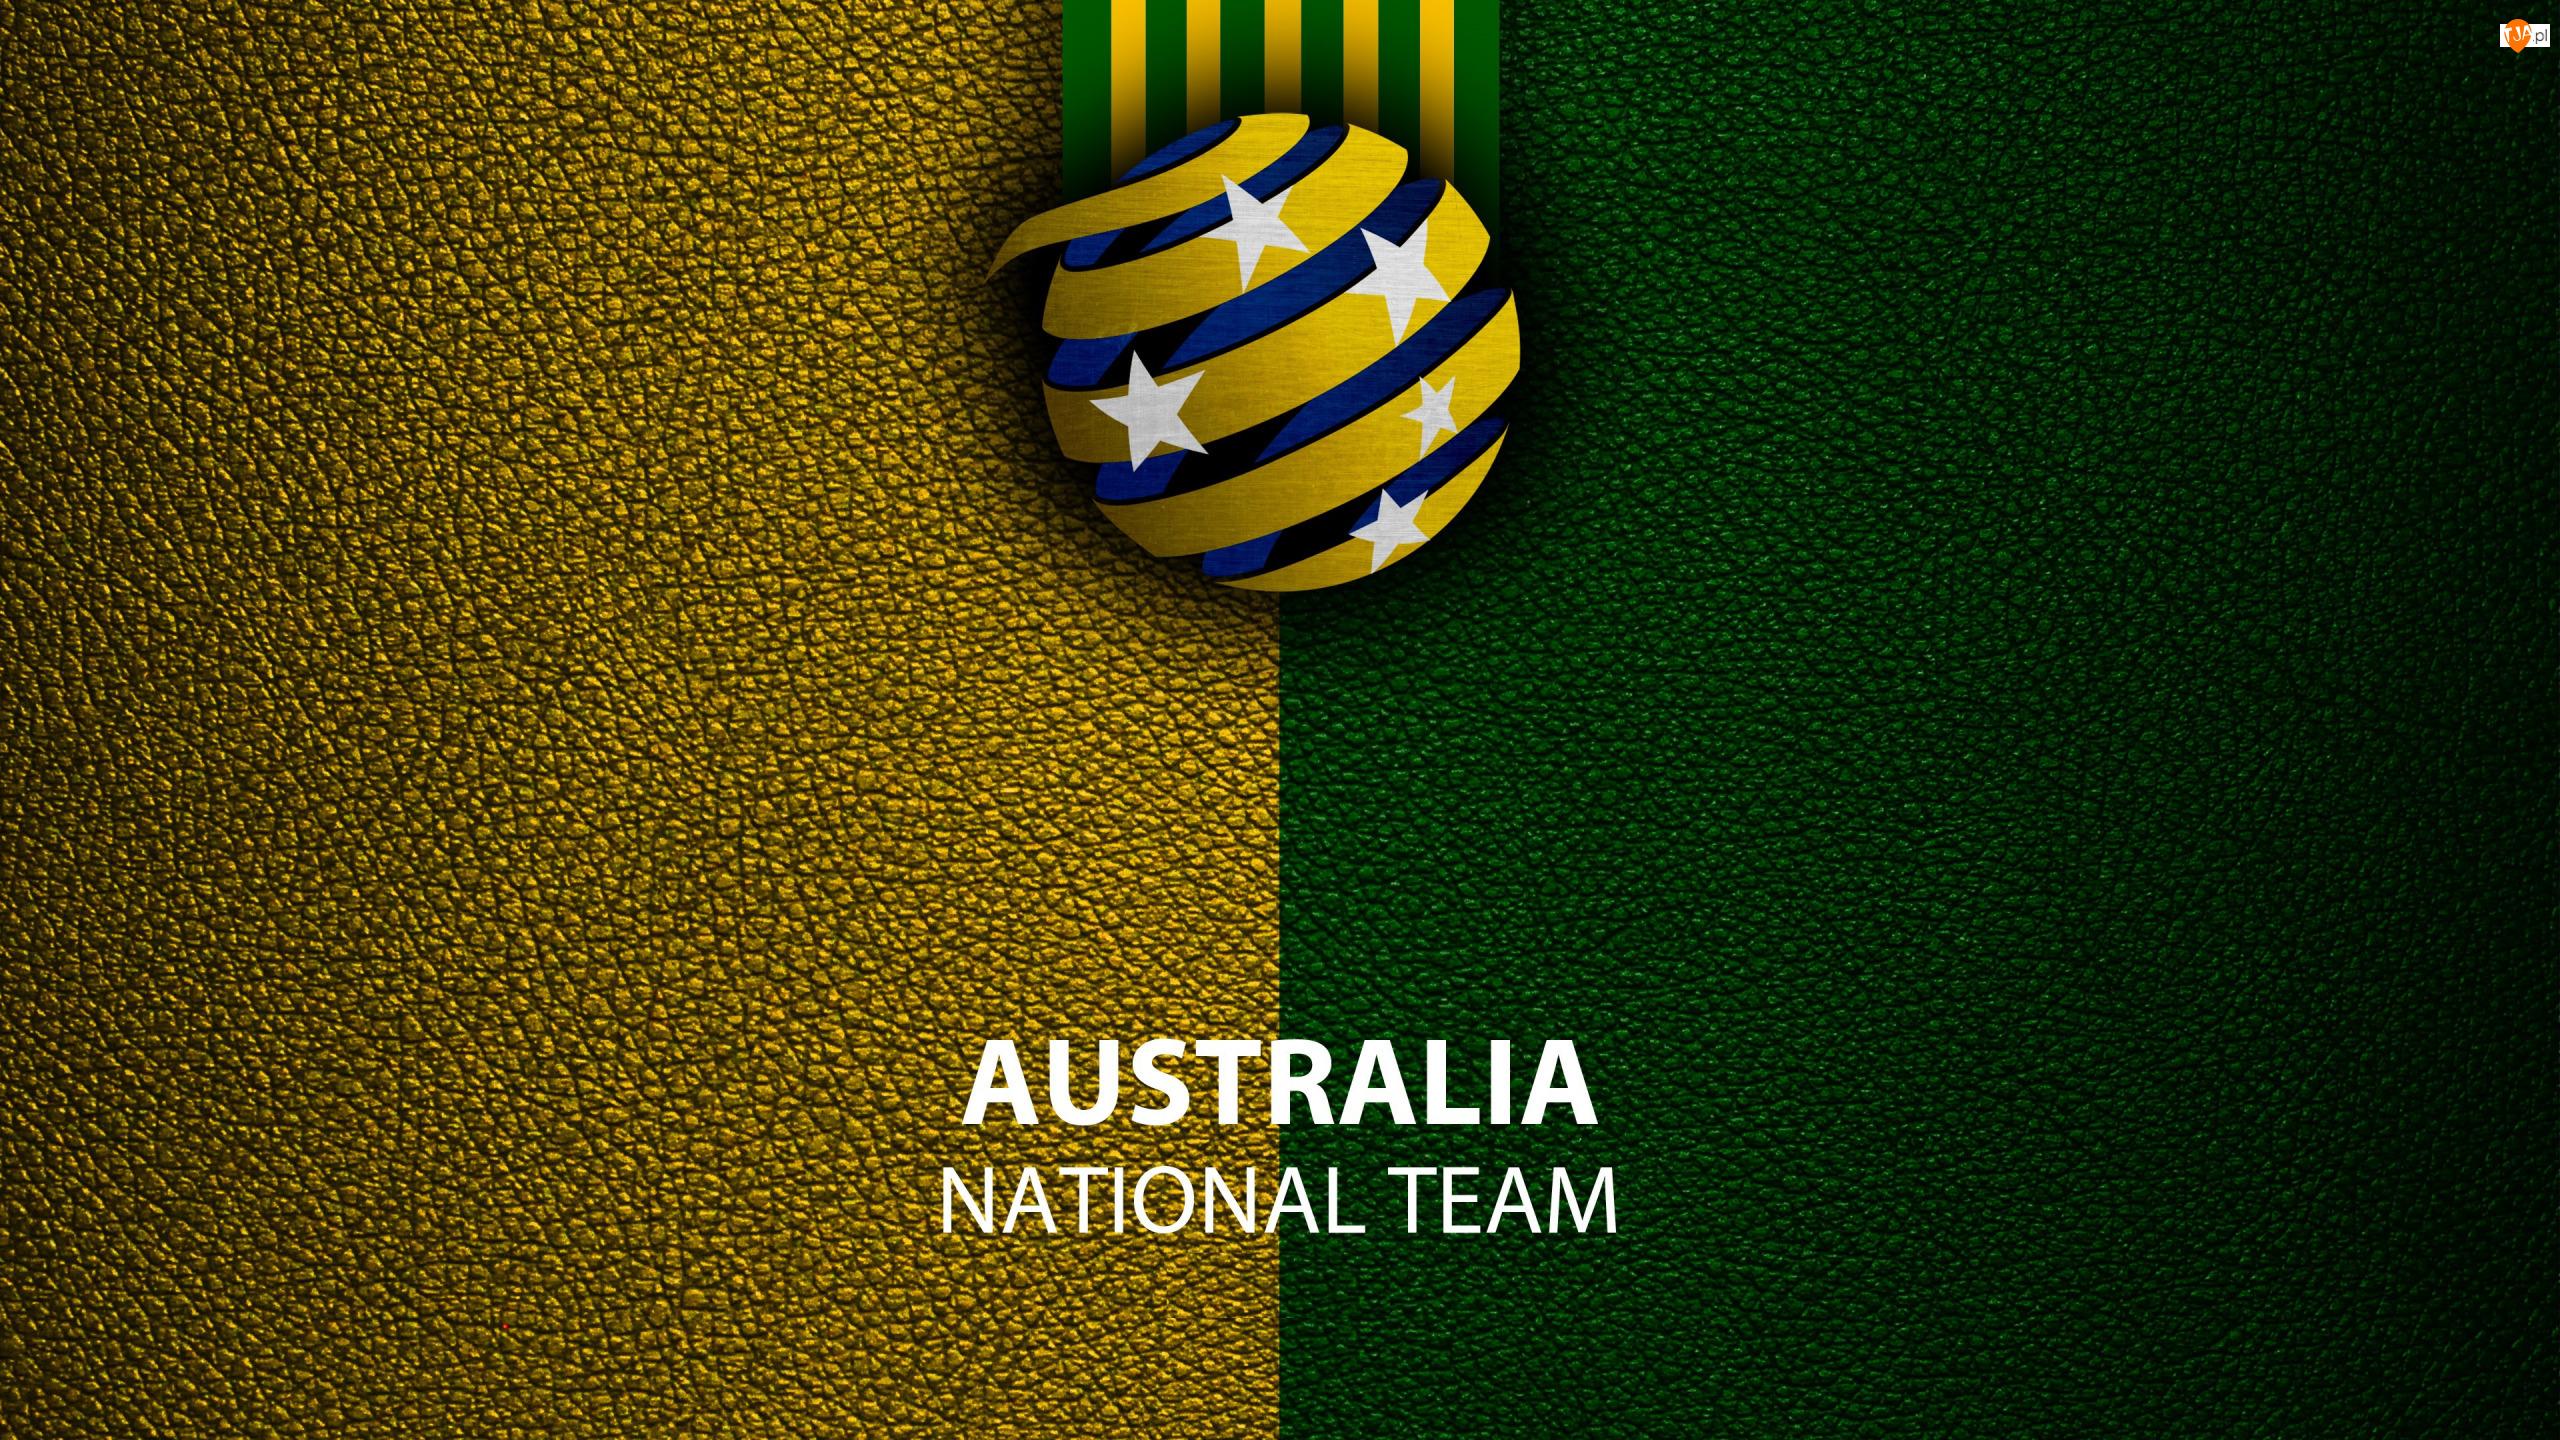 Socceroos, Piłka nożna, Reprezentacja Narodowa, Logo, Australia